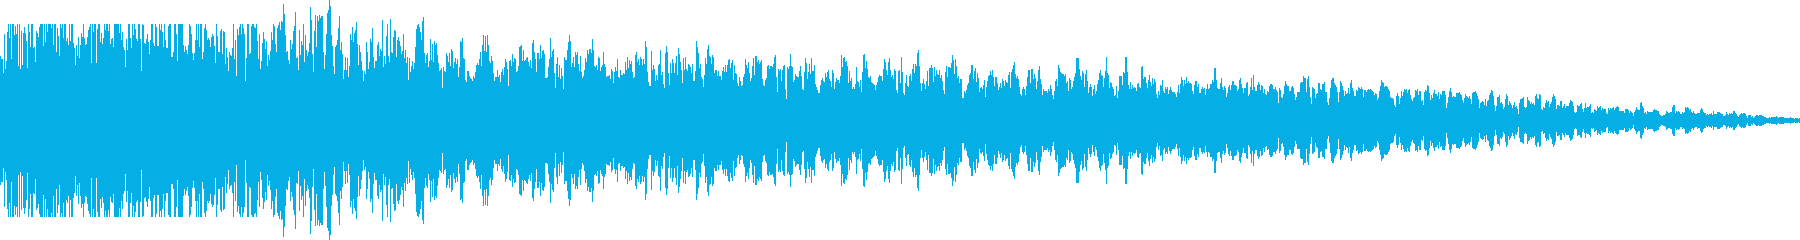 シャキーン(鋭い音)の再生済みの波形